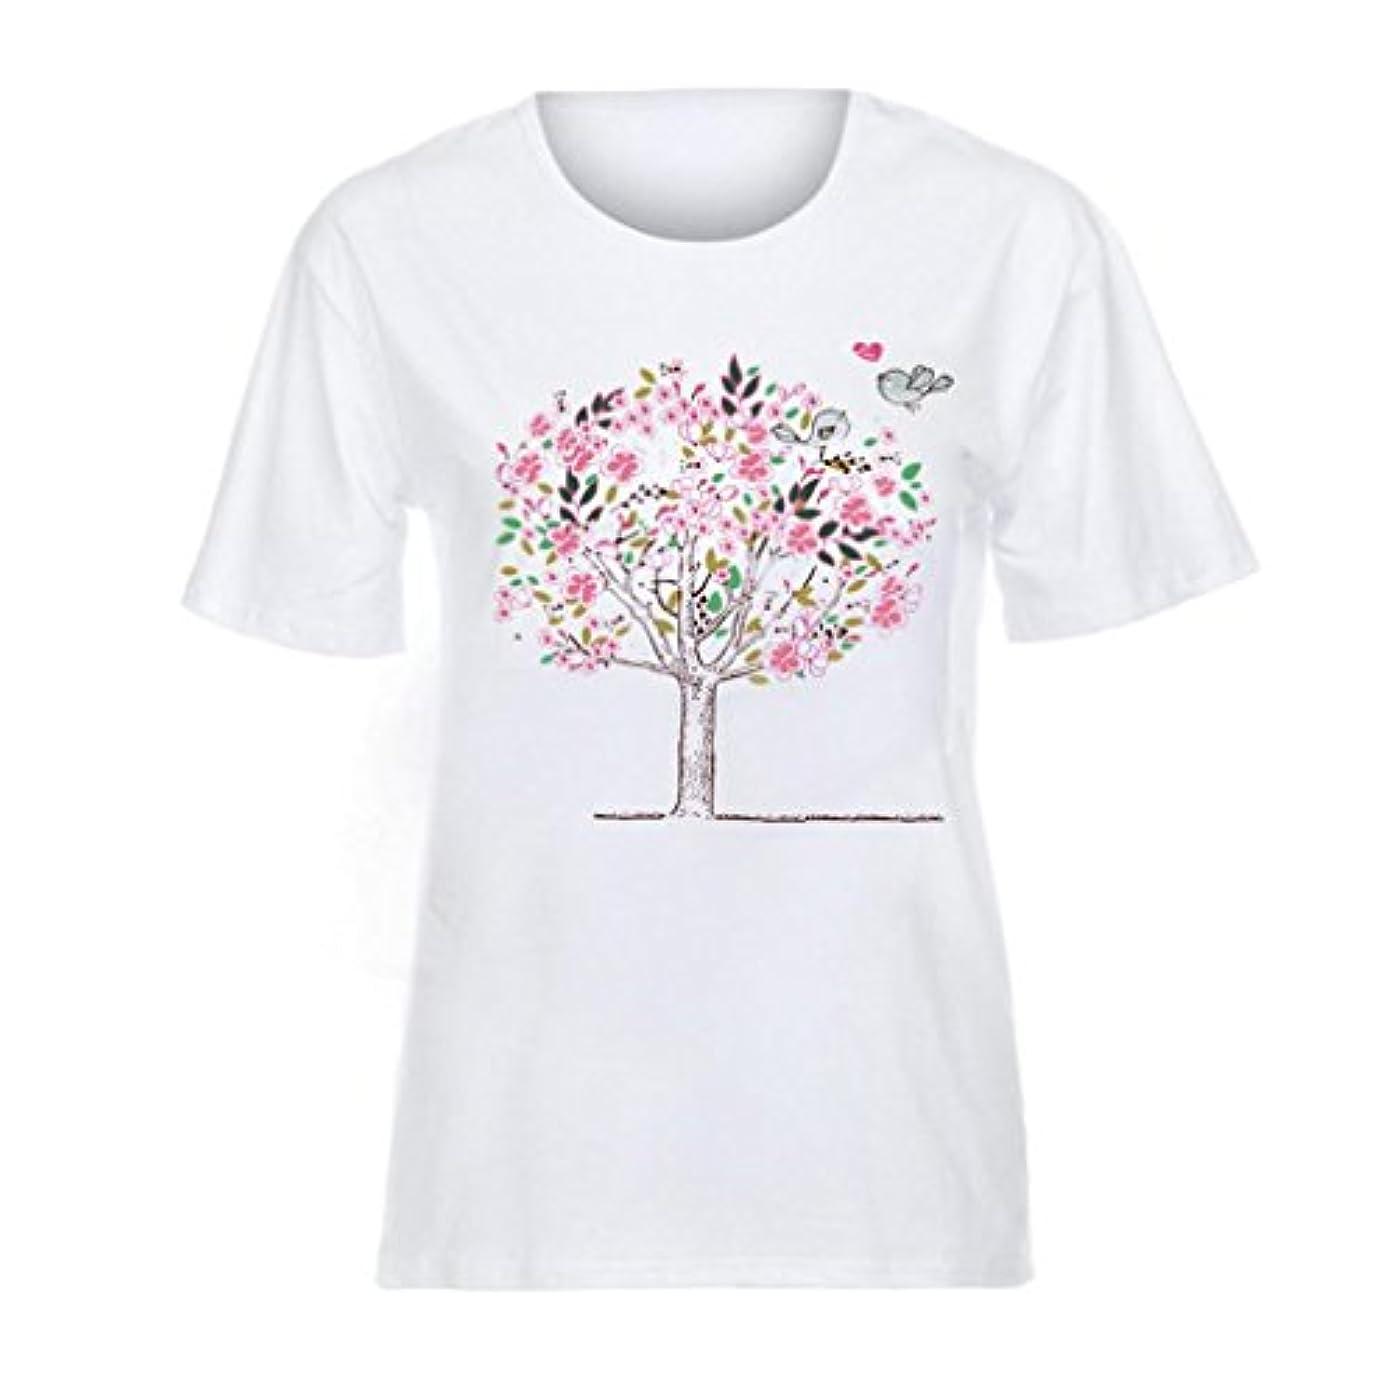 パーツ明らか暴露するSakuraBest 女性ショートスリーブツリープリントトップスカジュアルルーズホワイトTシャツ